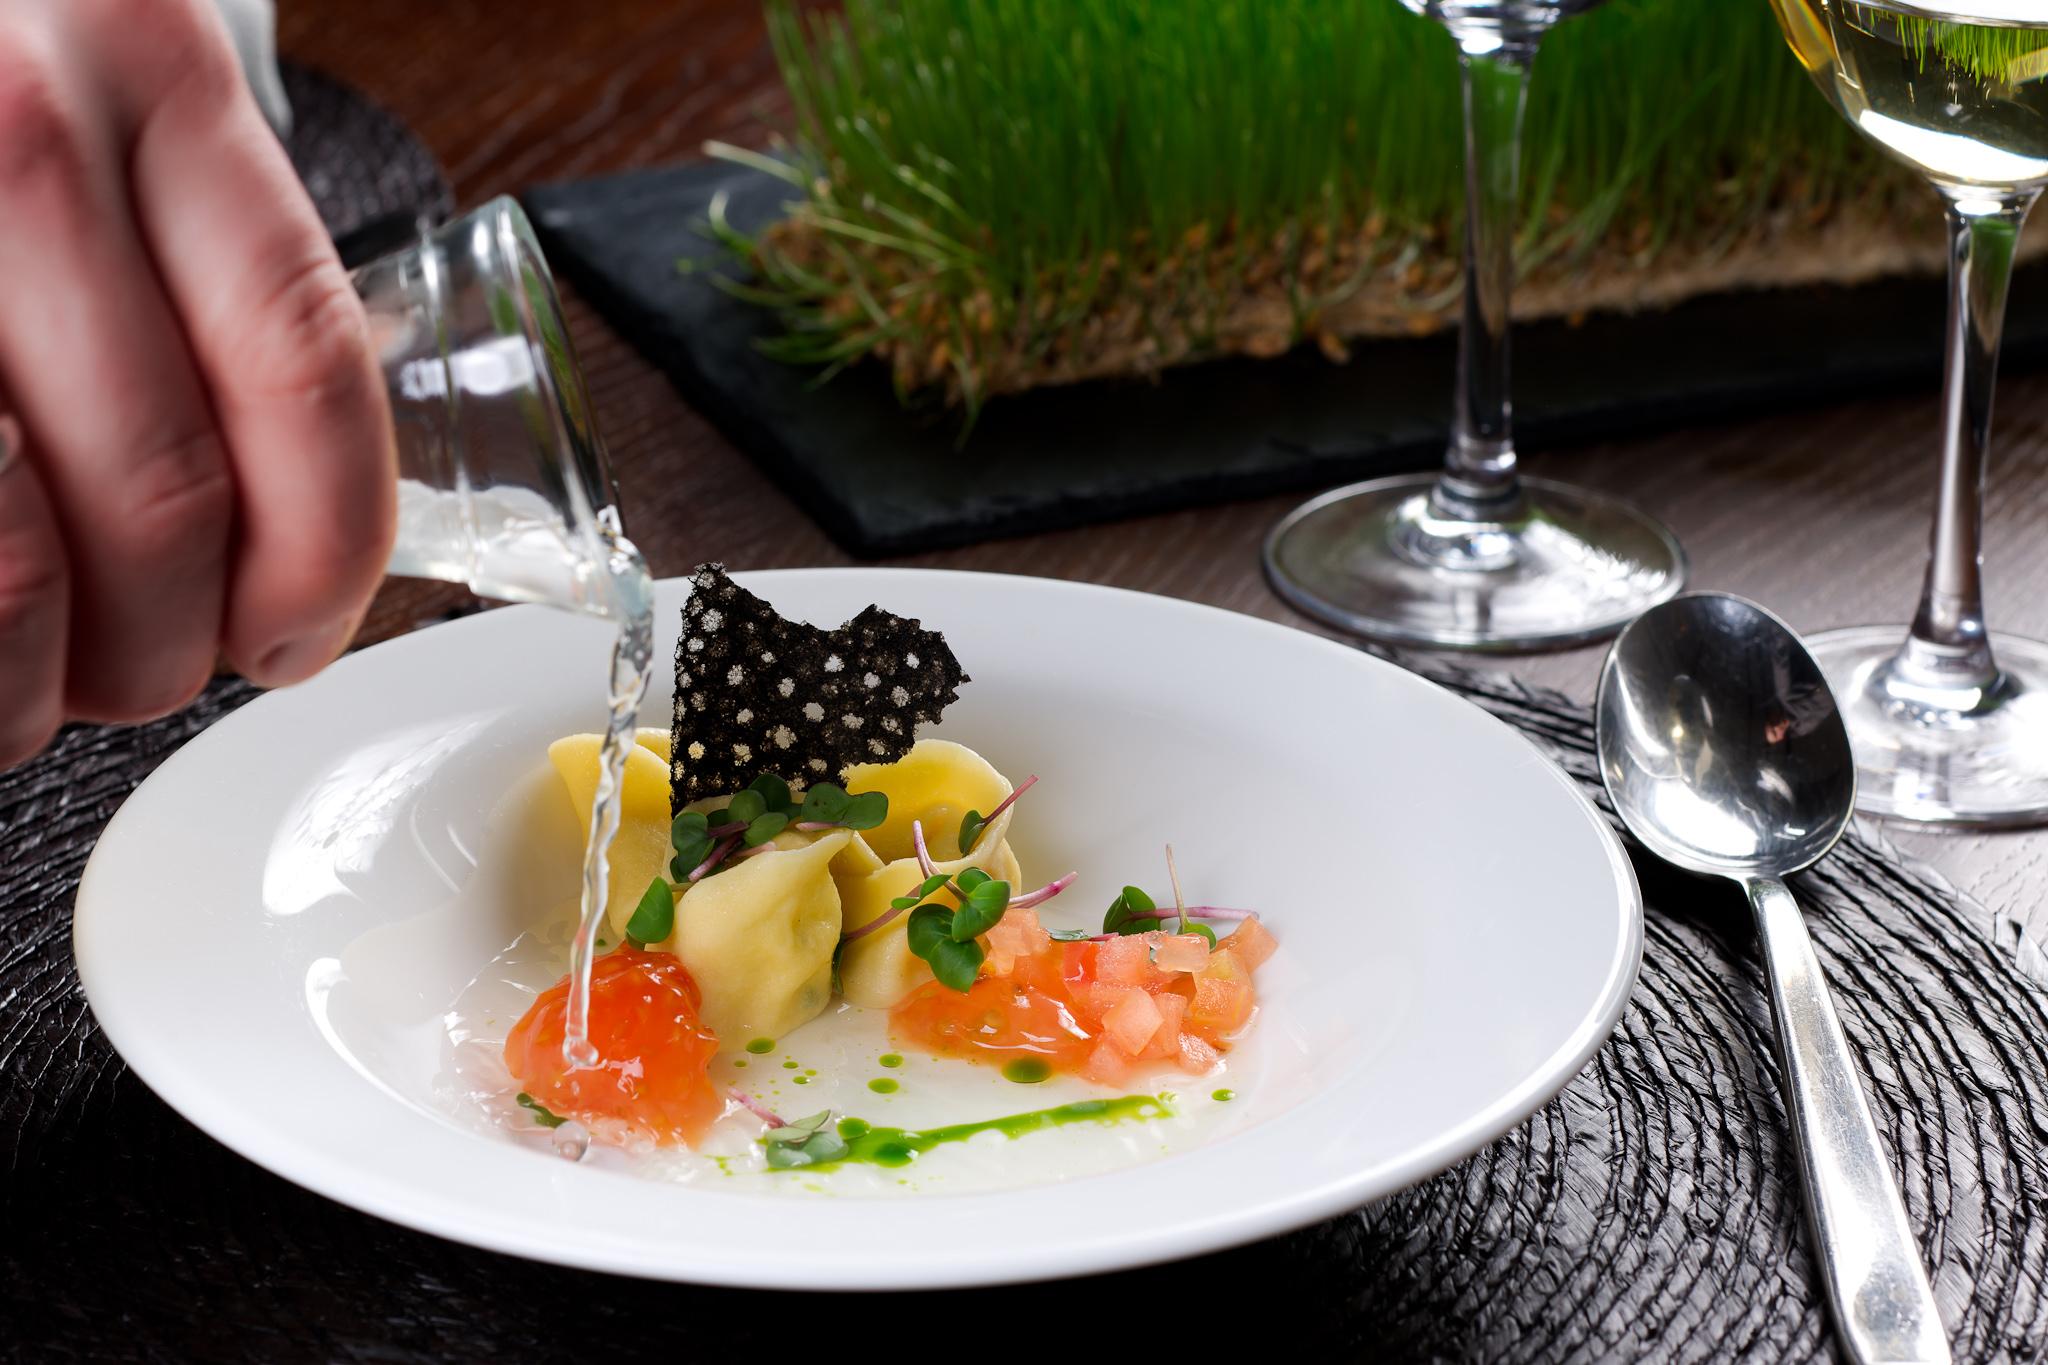 Skonių atradimai: 6 patiekalų degustacinė vakarienė